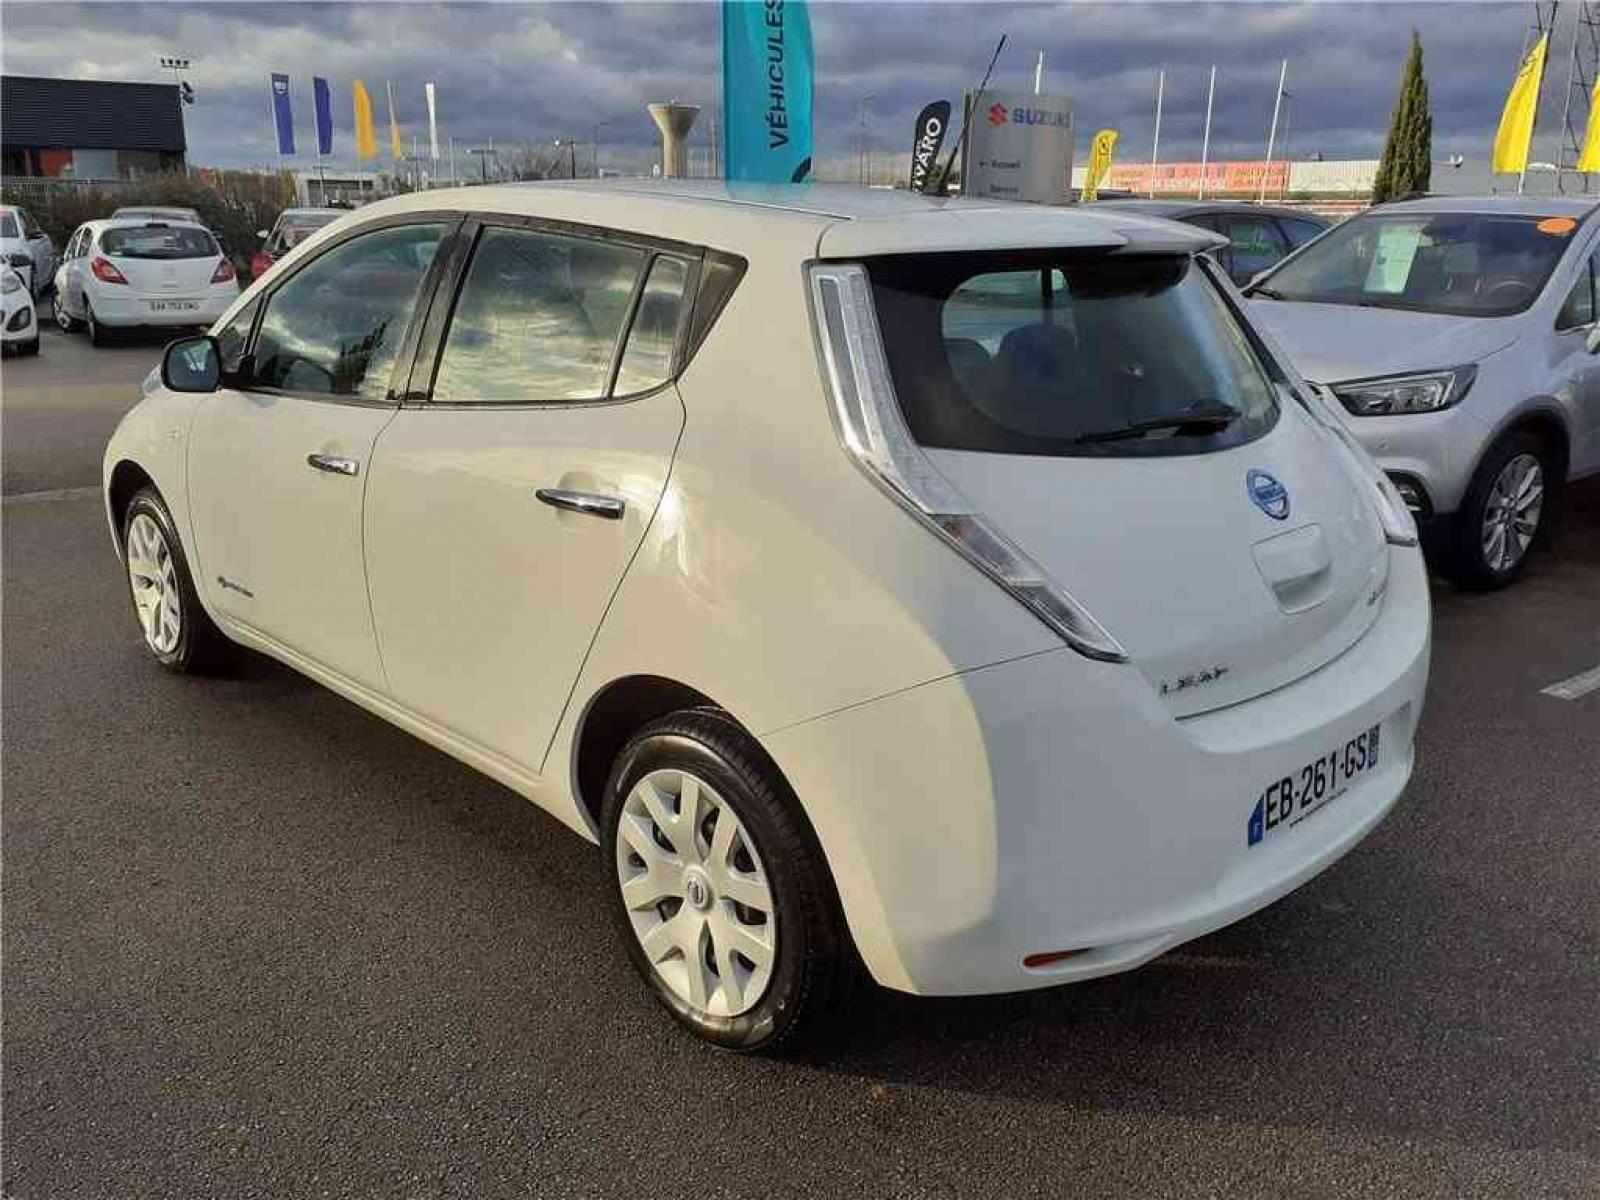 NISSAN Leaf Electrique 24kWh - véhicule d'occasion - Groupe Guillet - Opel Magicauto - Chalon-sur-Saône - 71380 - Saint-Marcel - 4